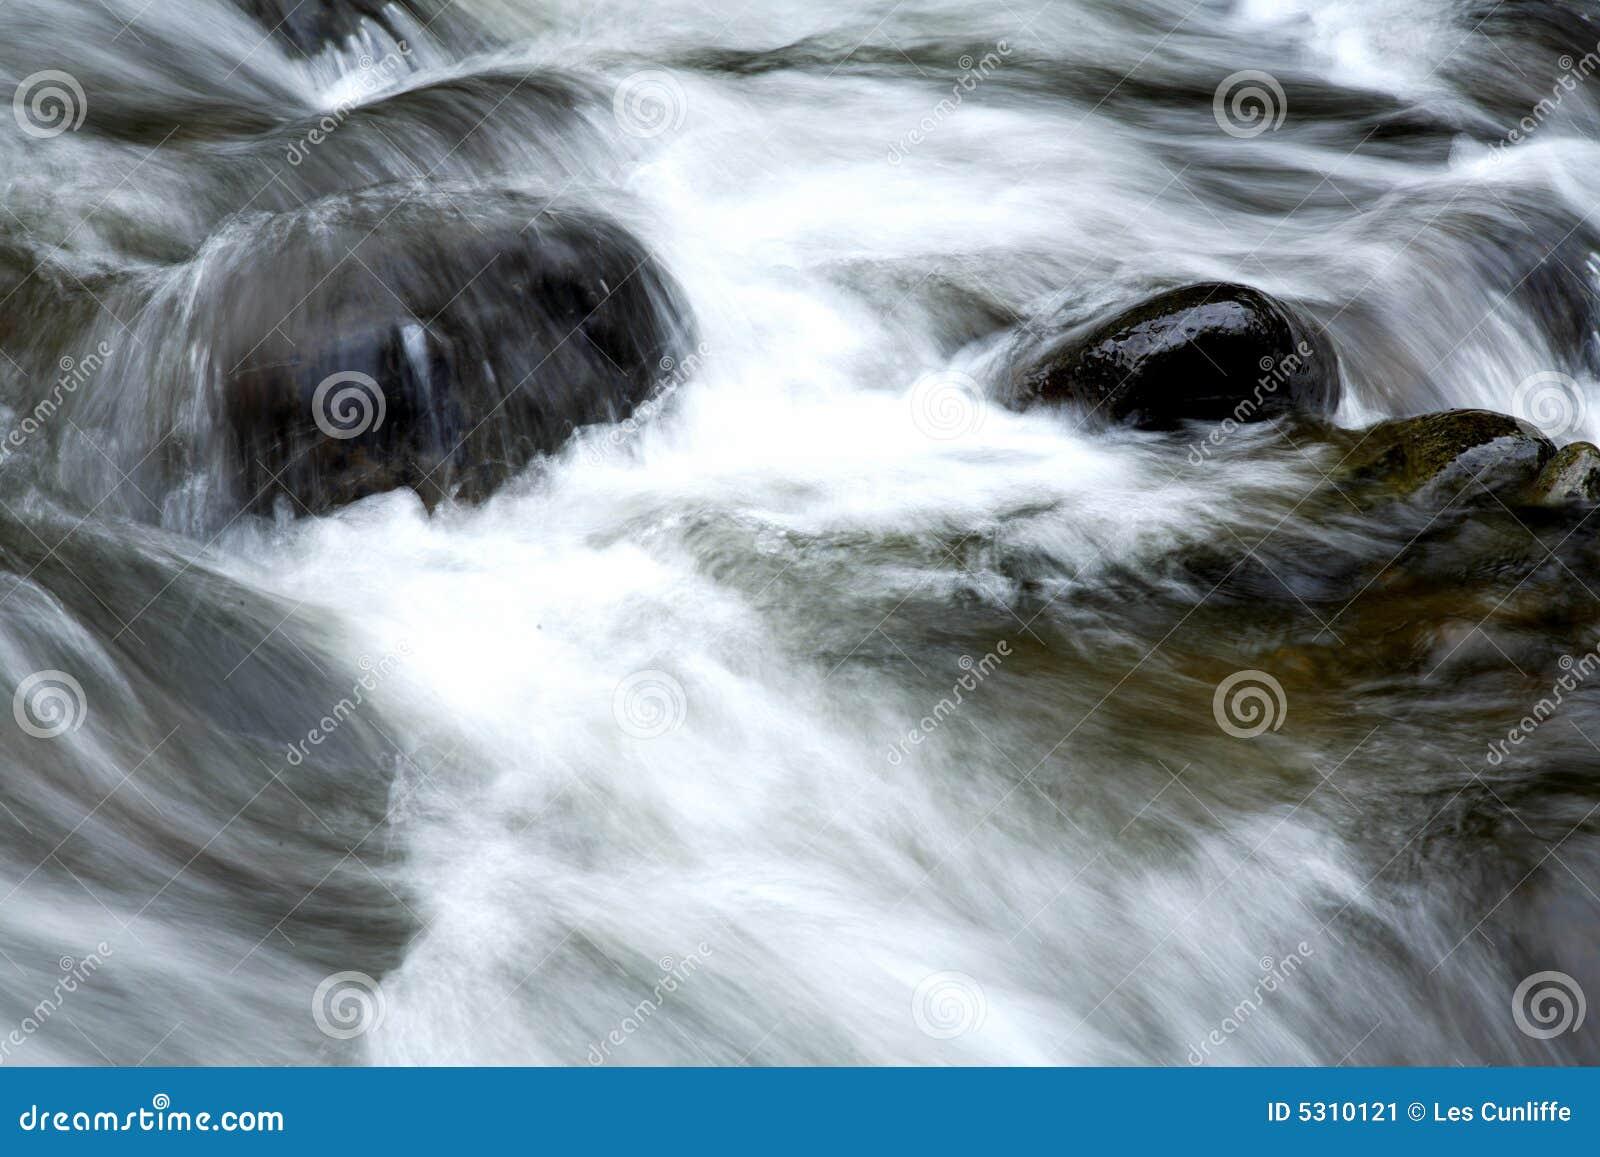 Download Rocce in flusso immagine stock. Immagine di molla, pulito - 5310121